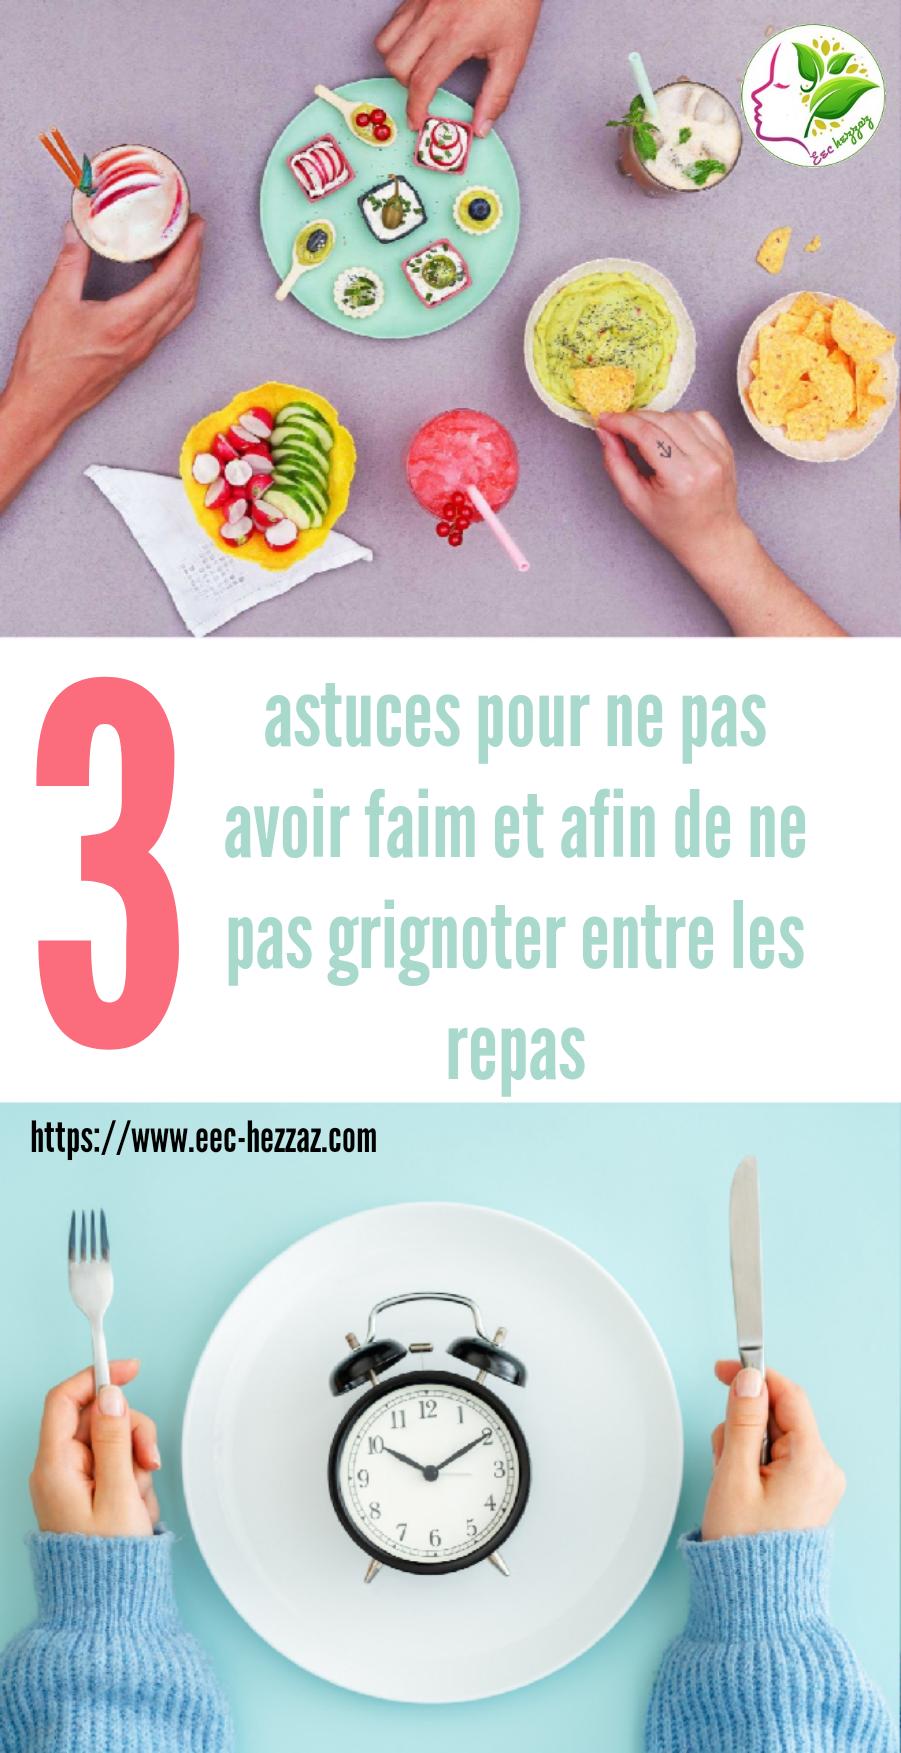 3 astuces pour ne pas avoir faim et afin de ne pas grignoter entre les repas